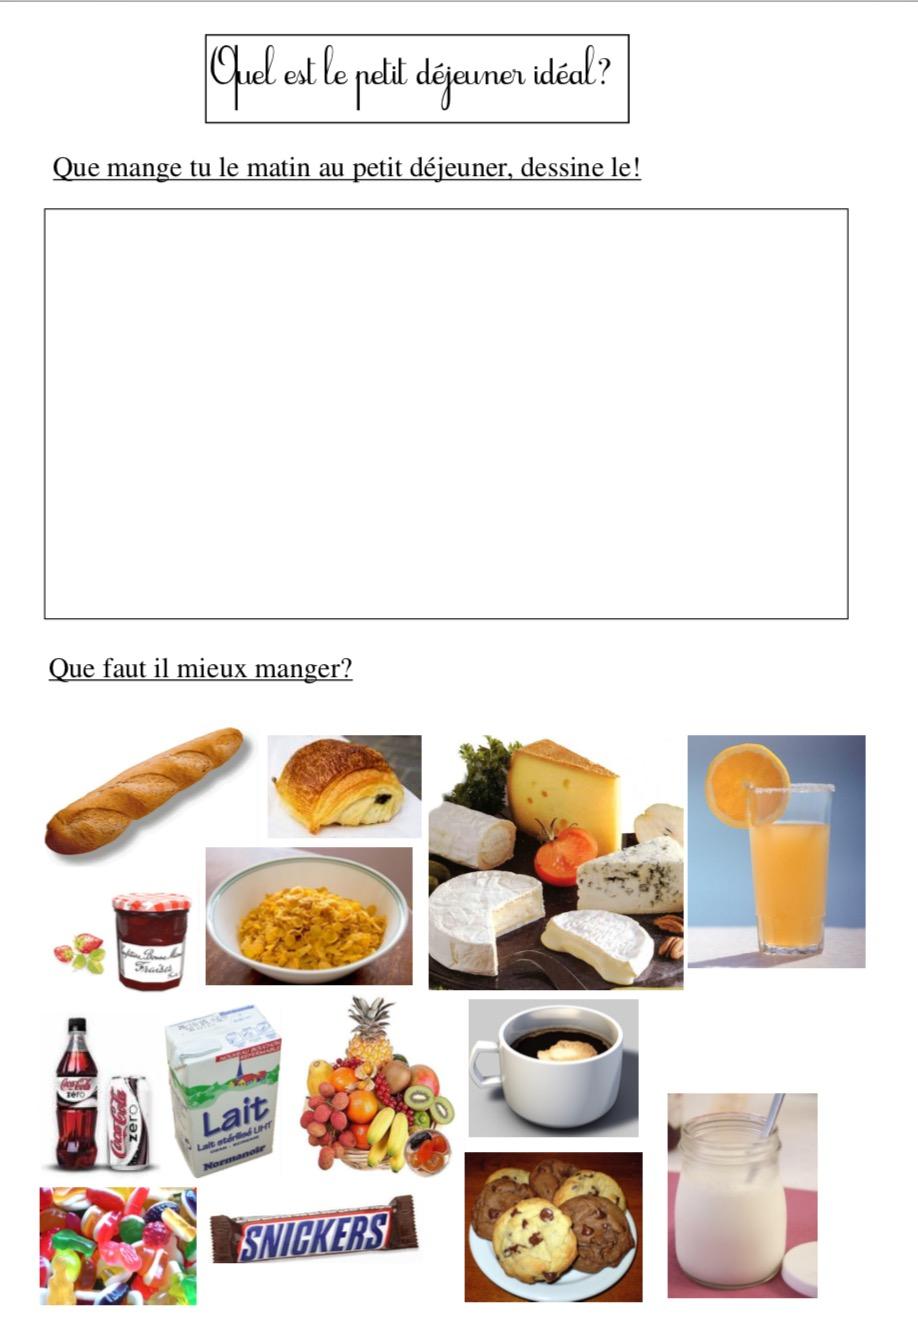 [Retex] Gras, bedaine, risque des maladies de civilisation - Page 3 Captur31